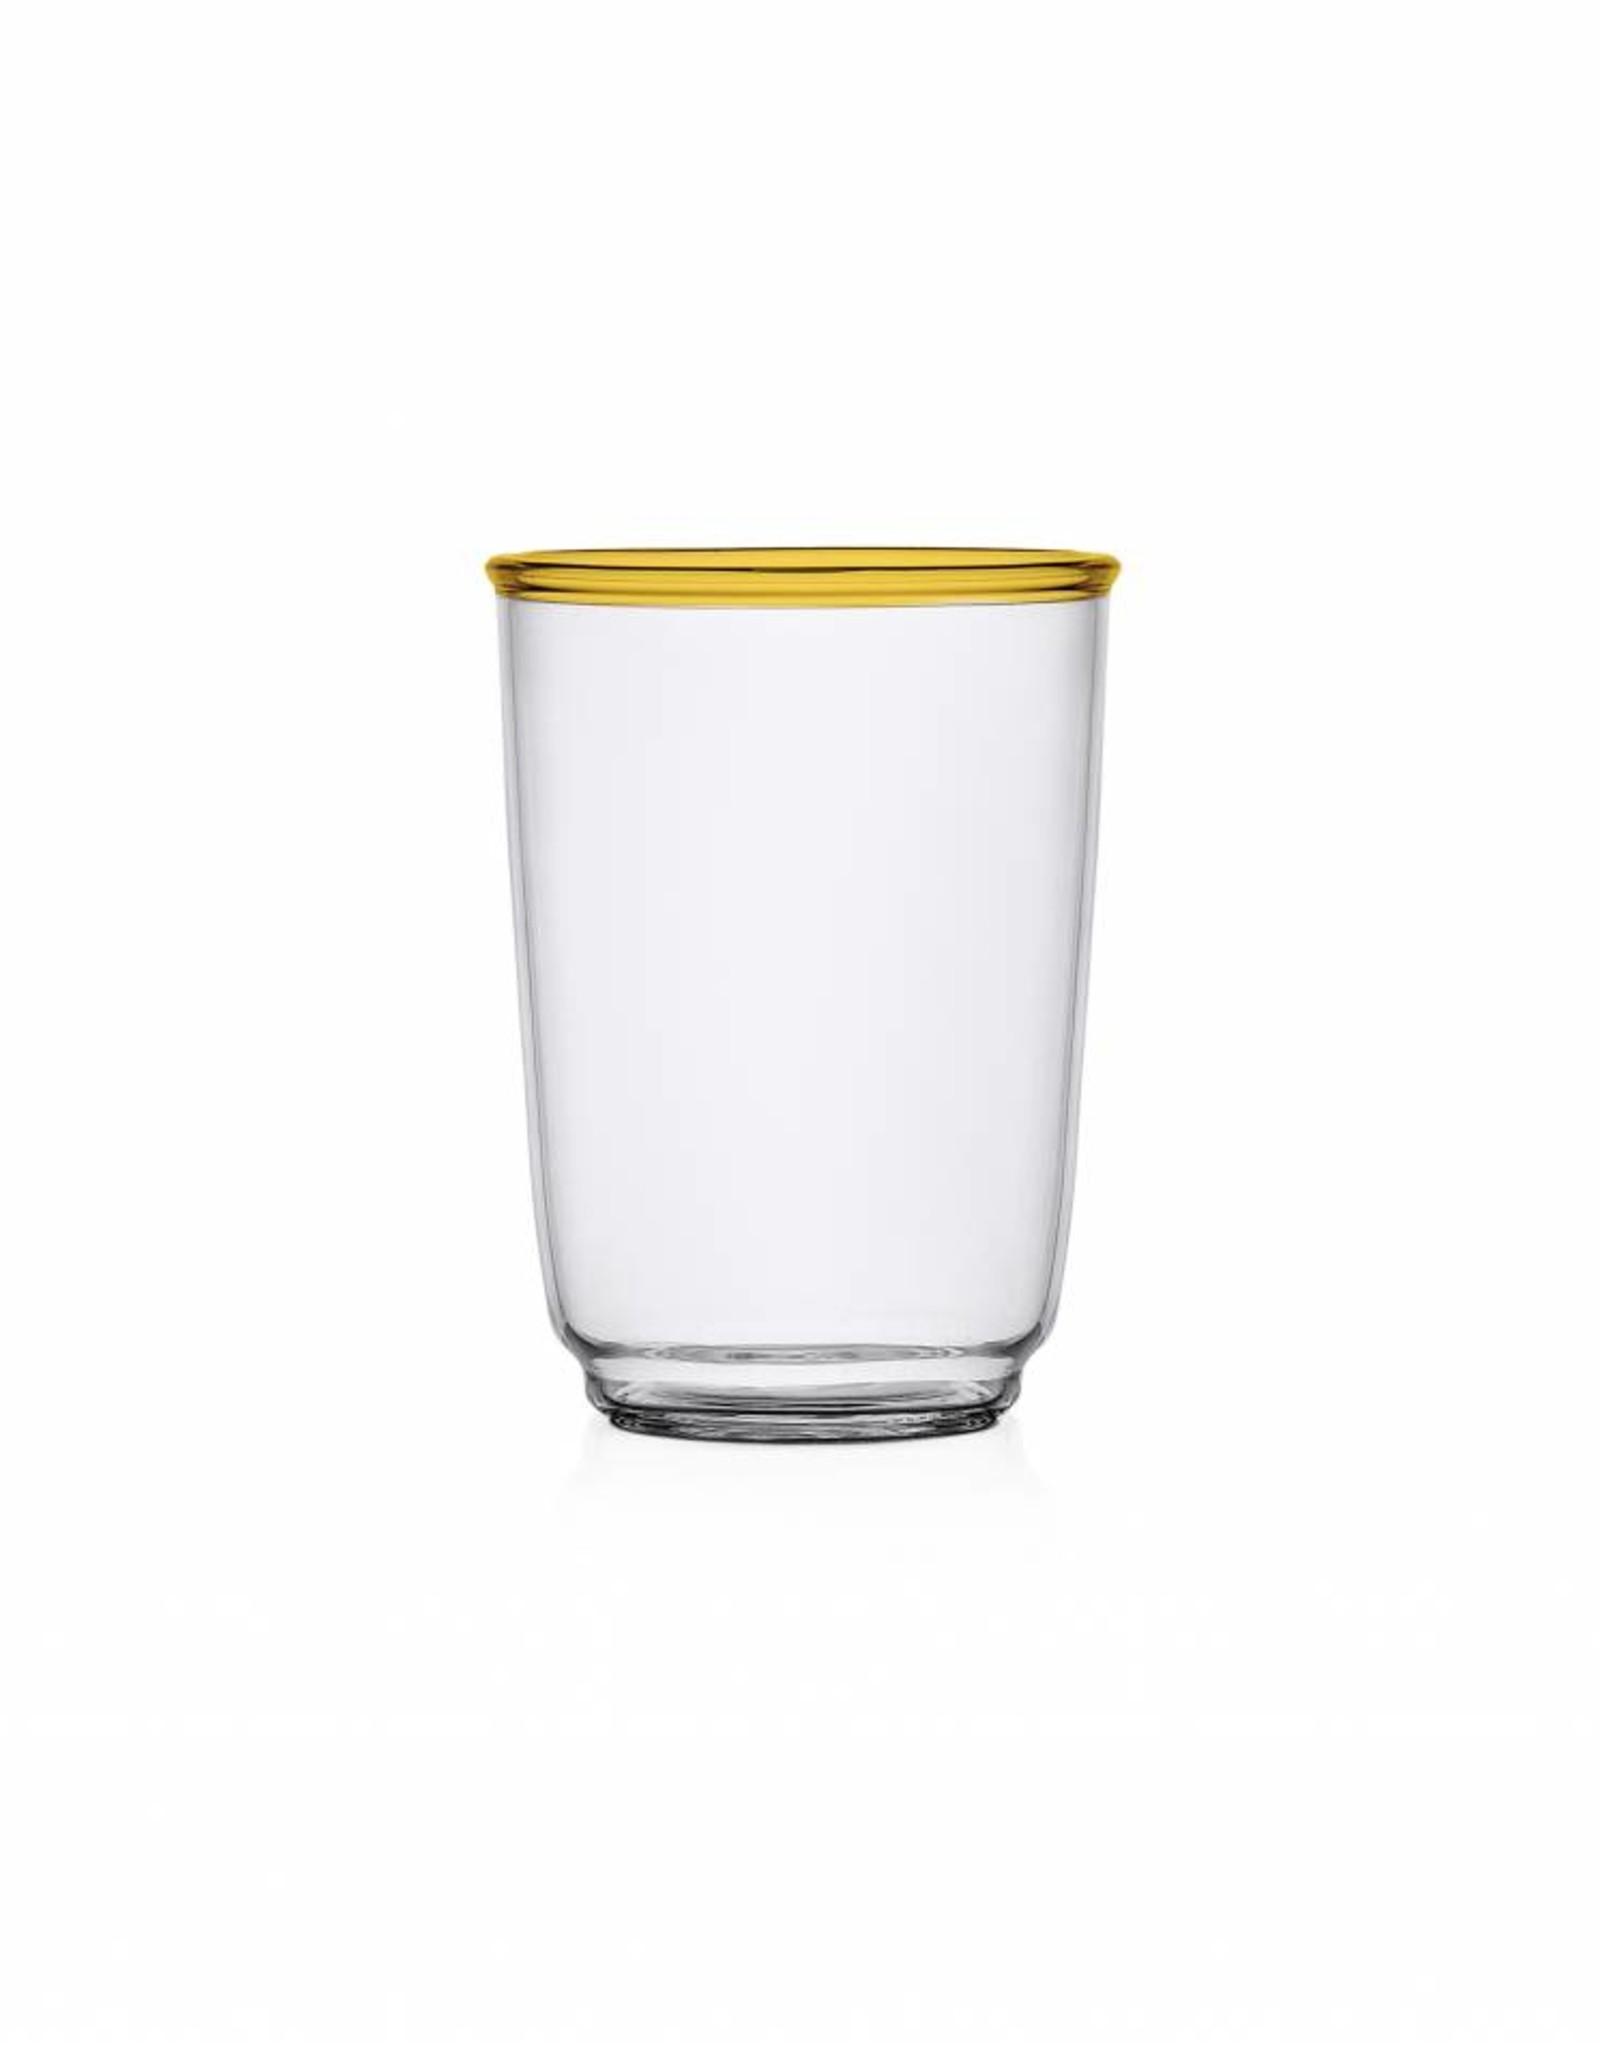 Ichendorf Sorsi Longdrink Glass Amber